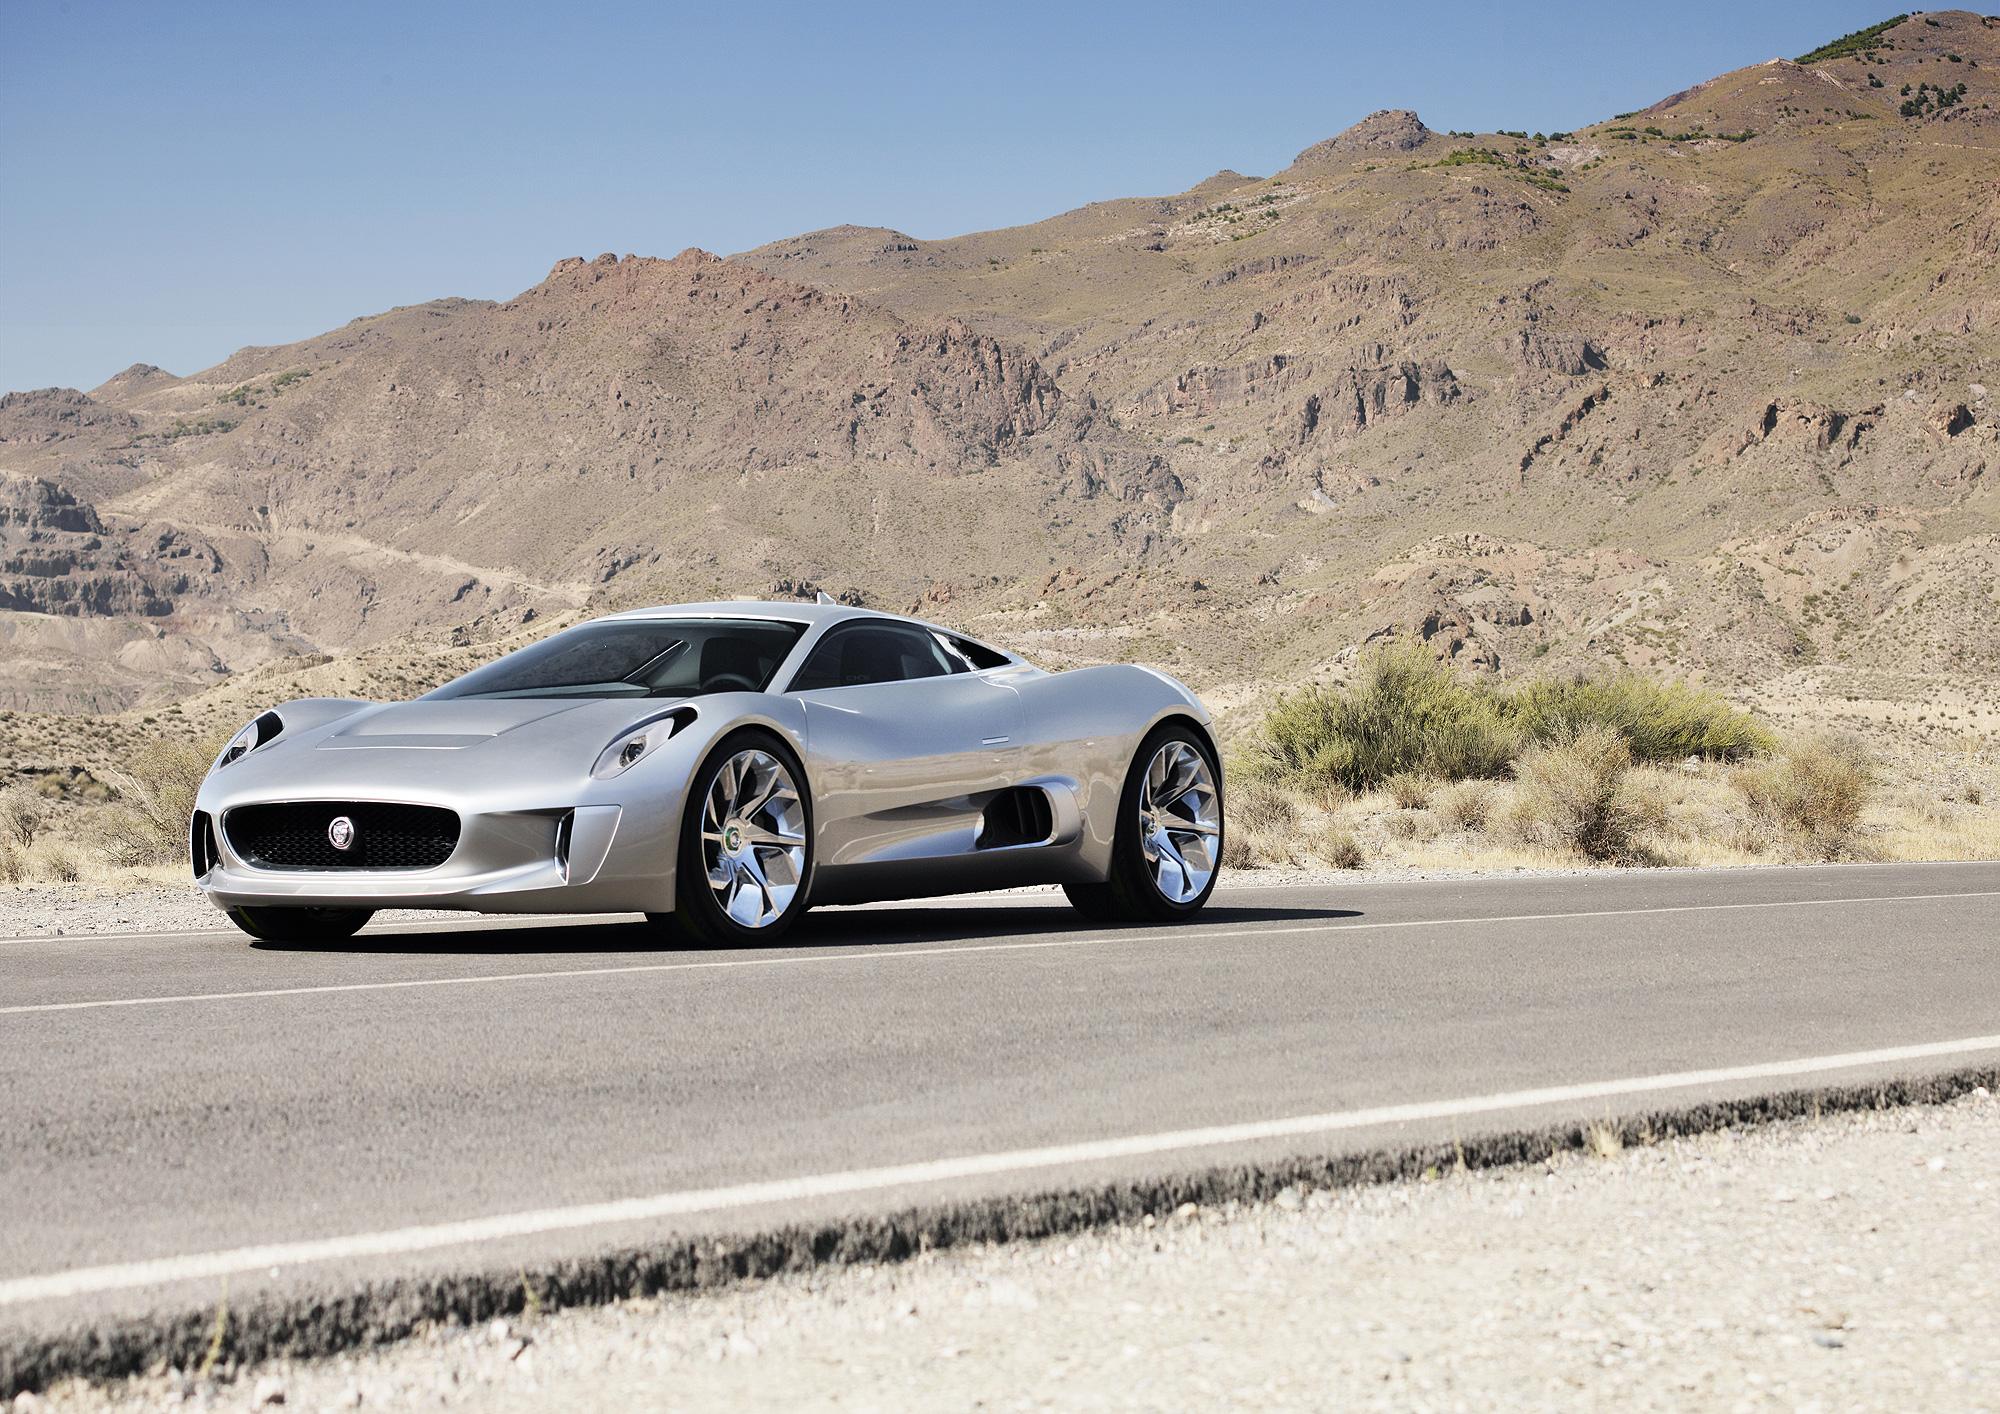 Технологии супер-гибрида Jaguar C-X75 используют в серийных моделях